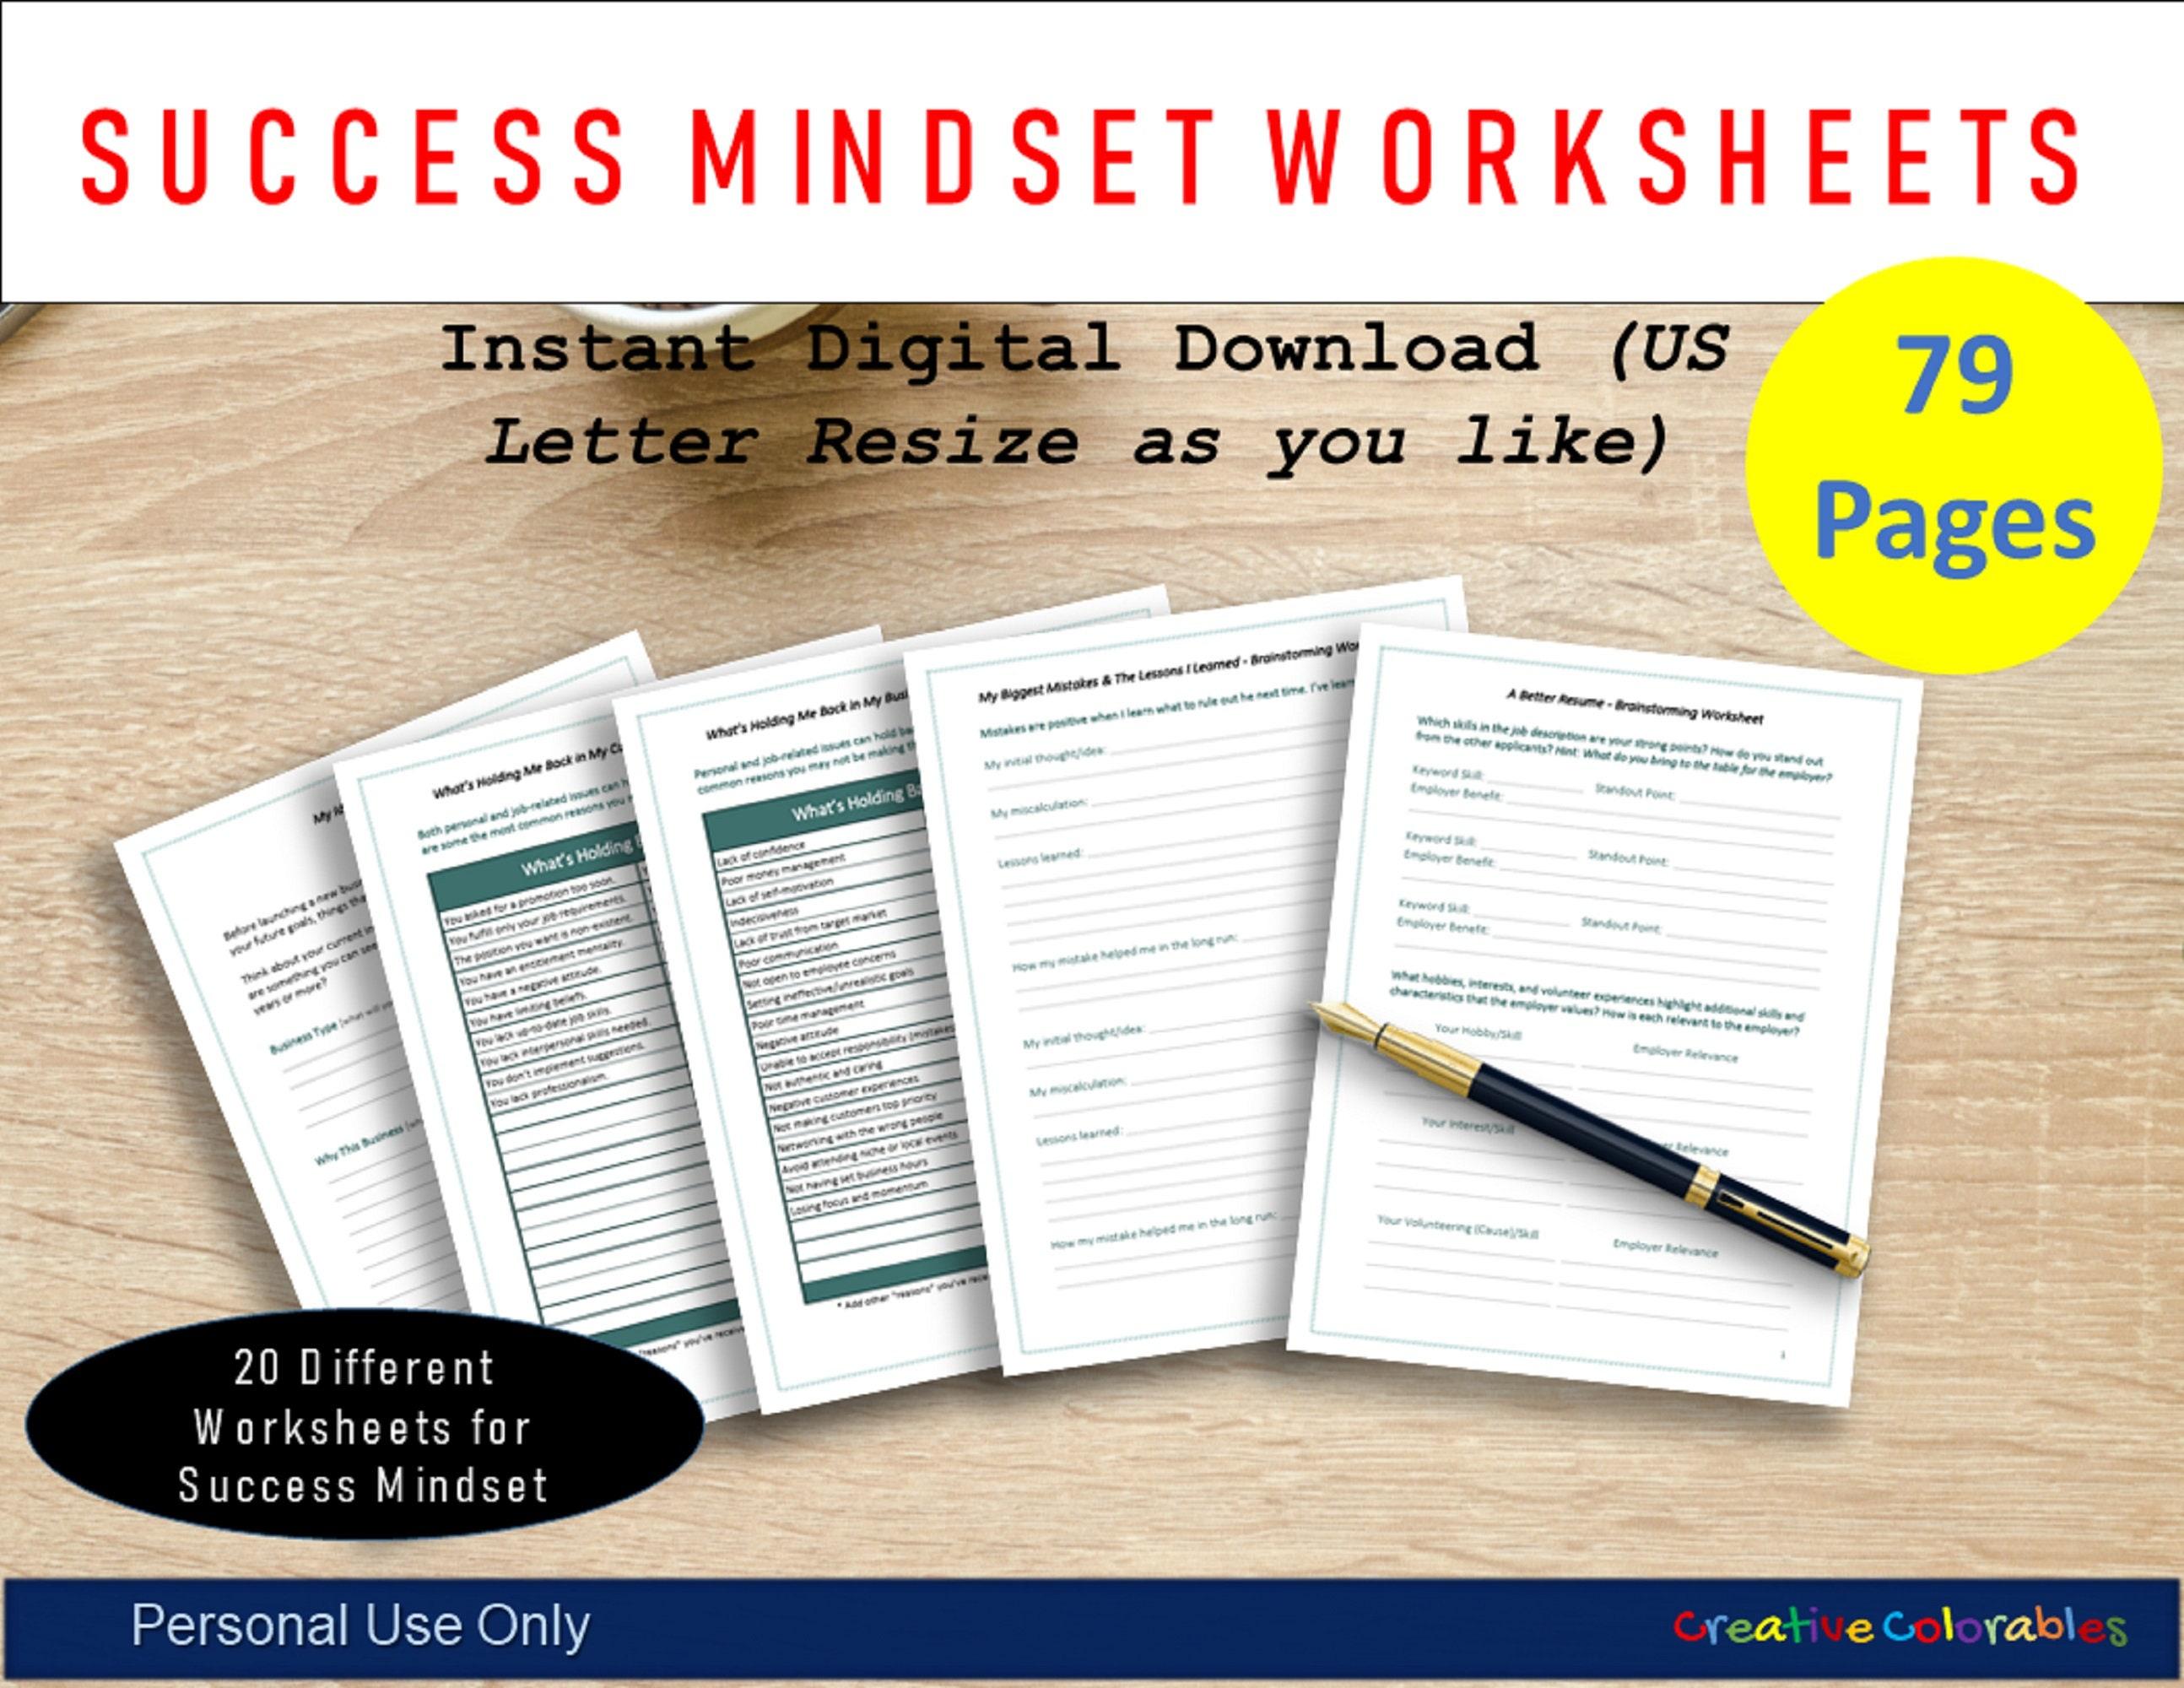 Success Mindset Arbeitsblatt druckbar   Entwicklung einer erfolgreichen  Denkweise   Gute Habit   Wachstum   Ein besserer Leader sein   Druckbare ...